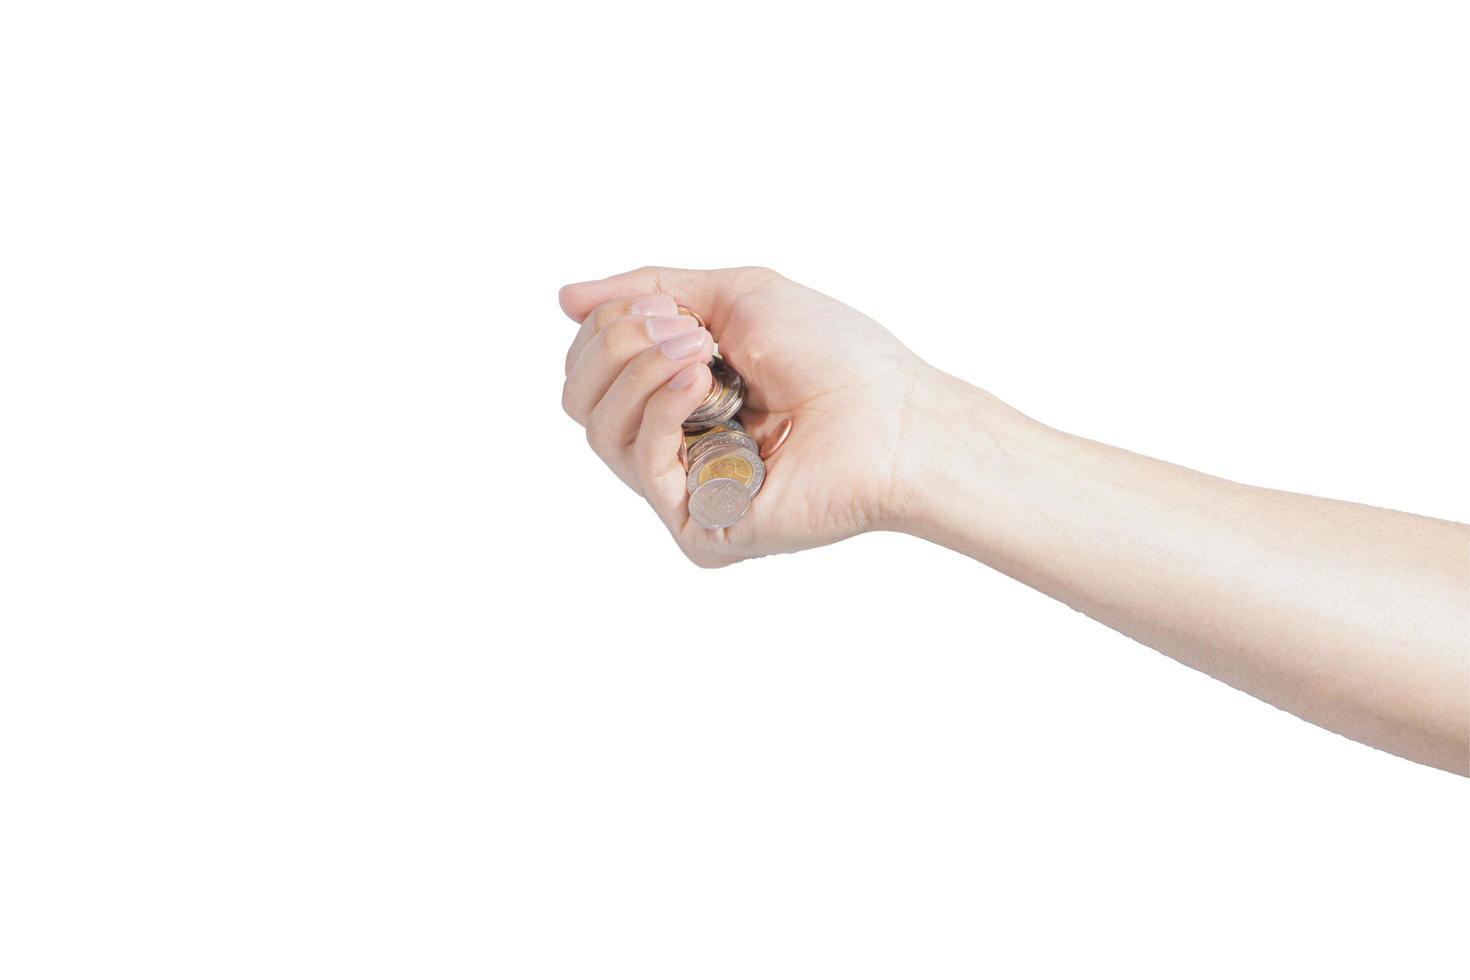 monete che cadono da una mano foto